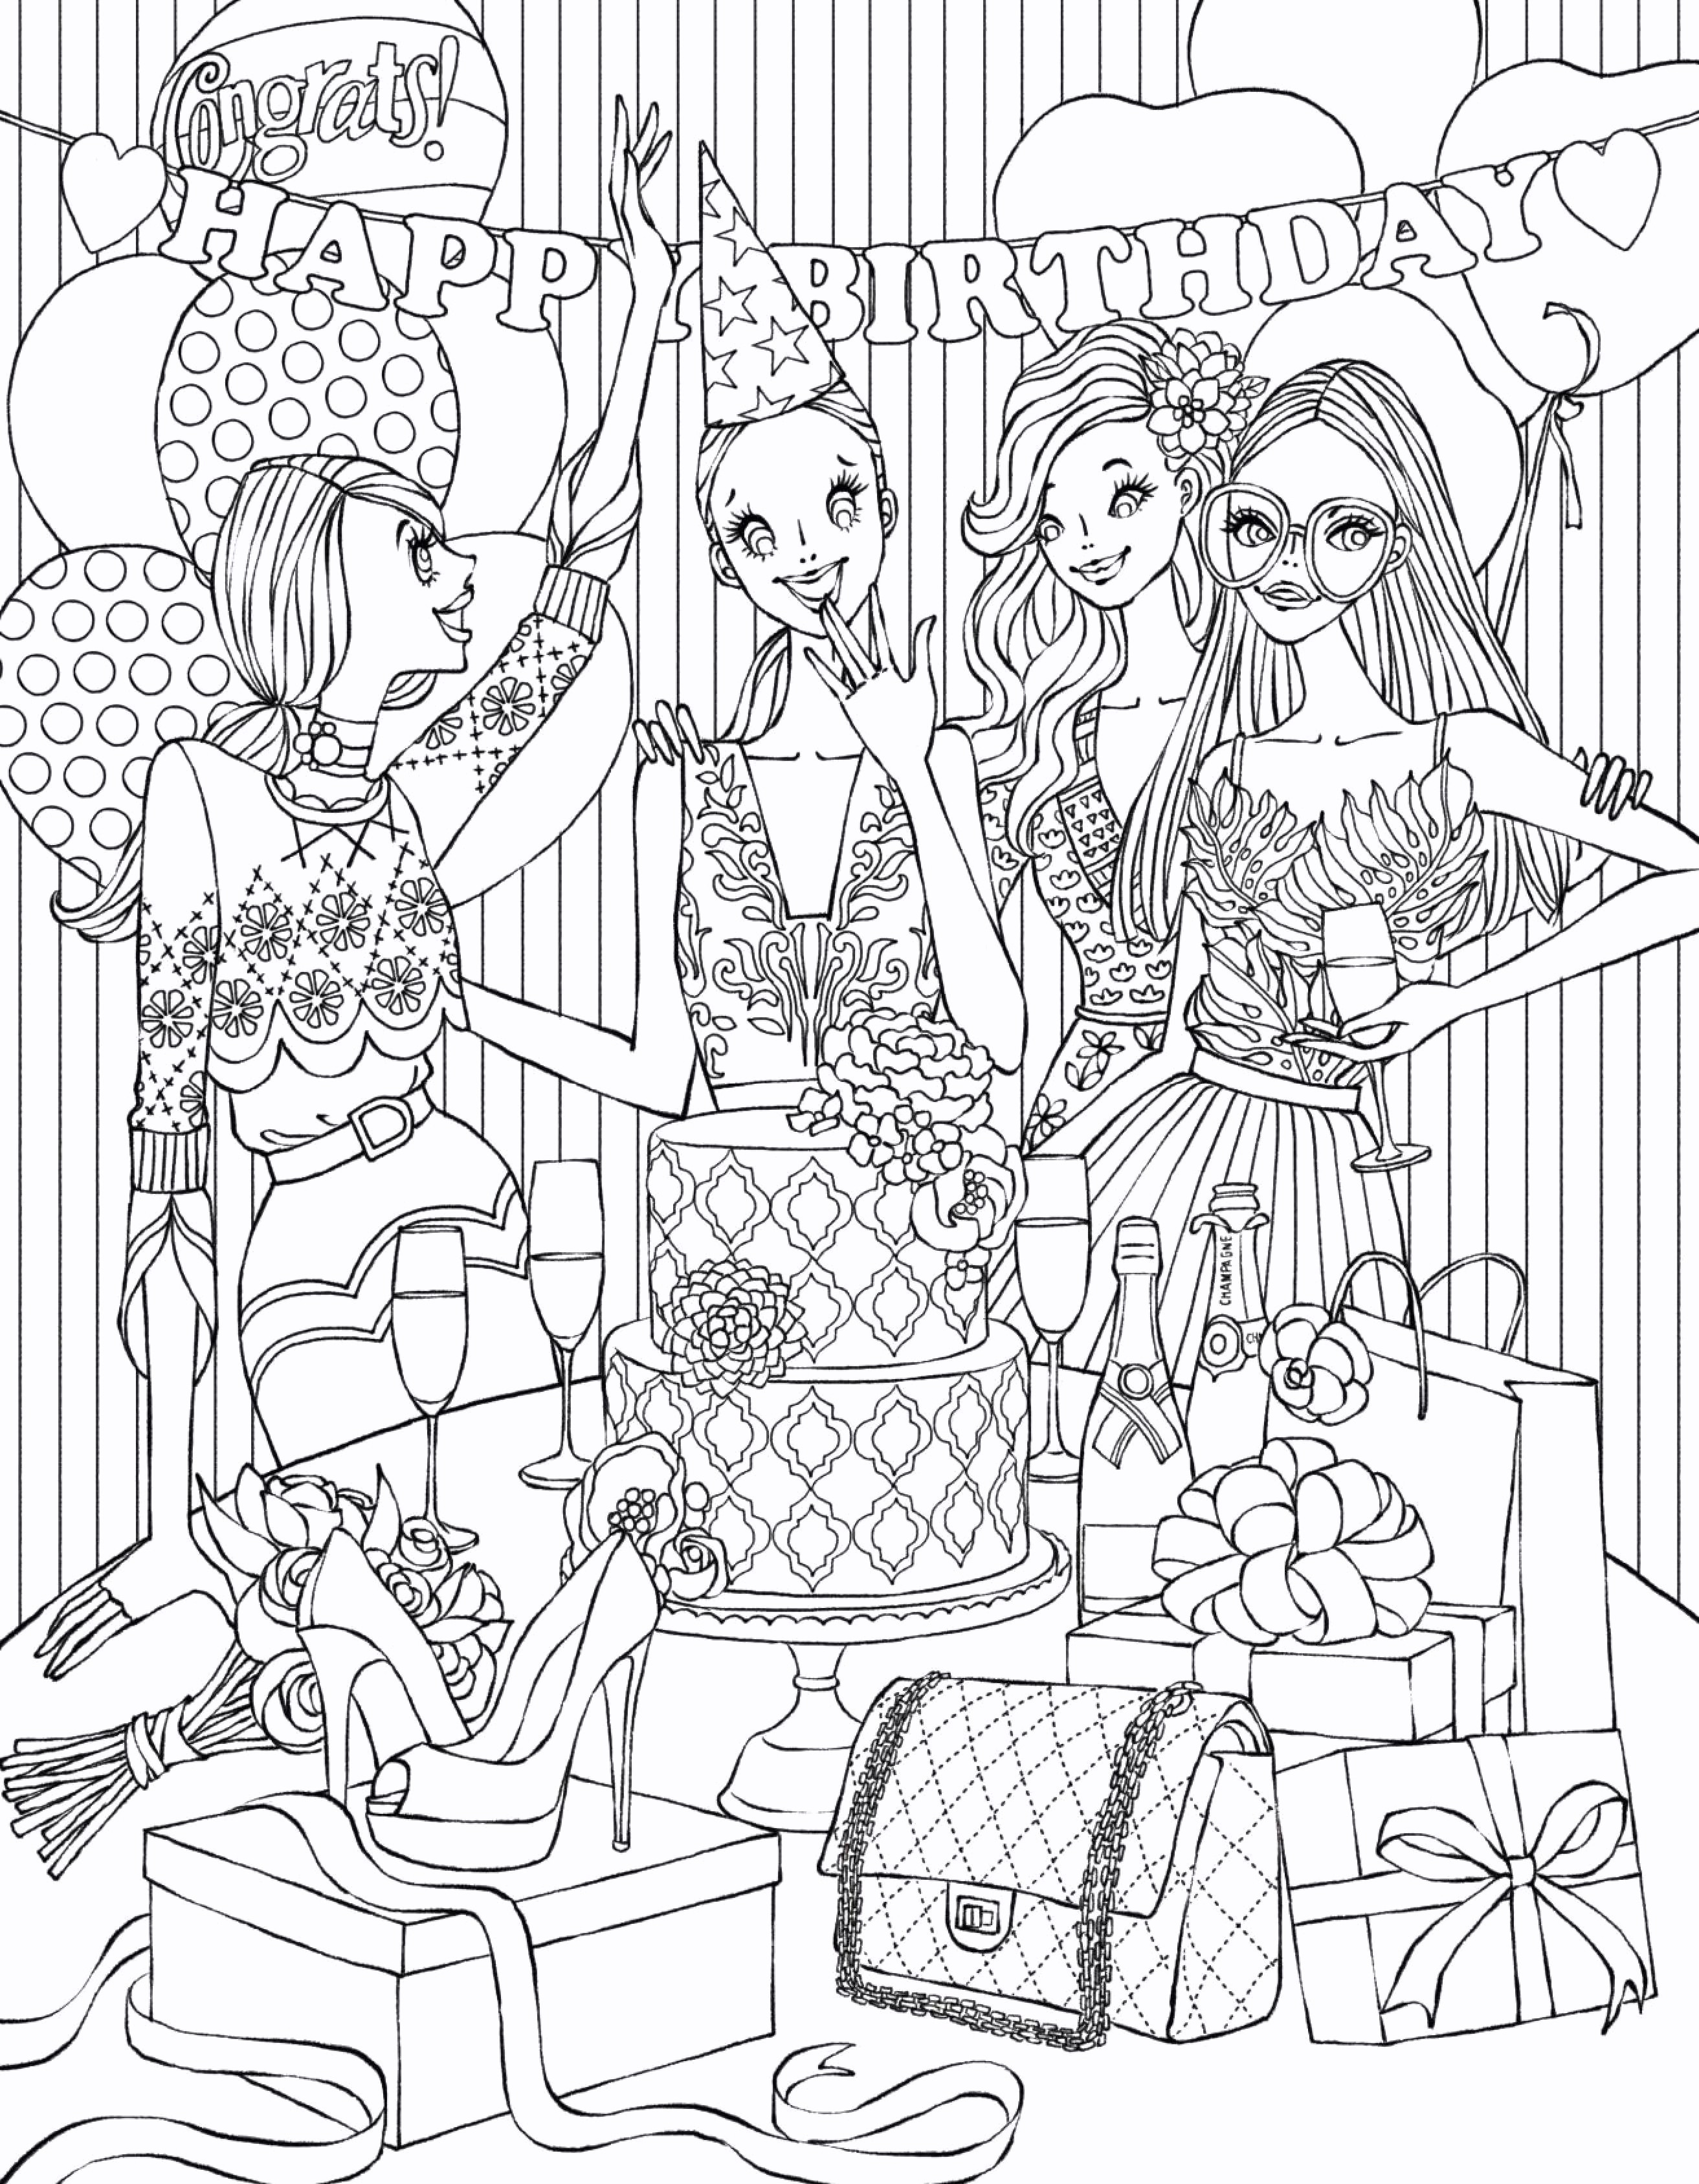 Ausmalbilder Von Violetta Genial Any Printable Coloring Pages 25 Erstaunlich Ausmalbilder Violetta Bild